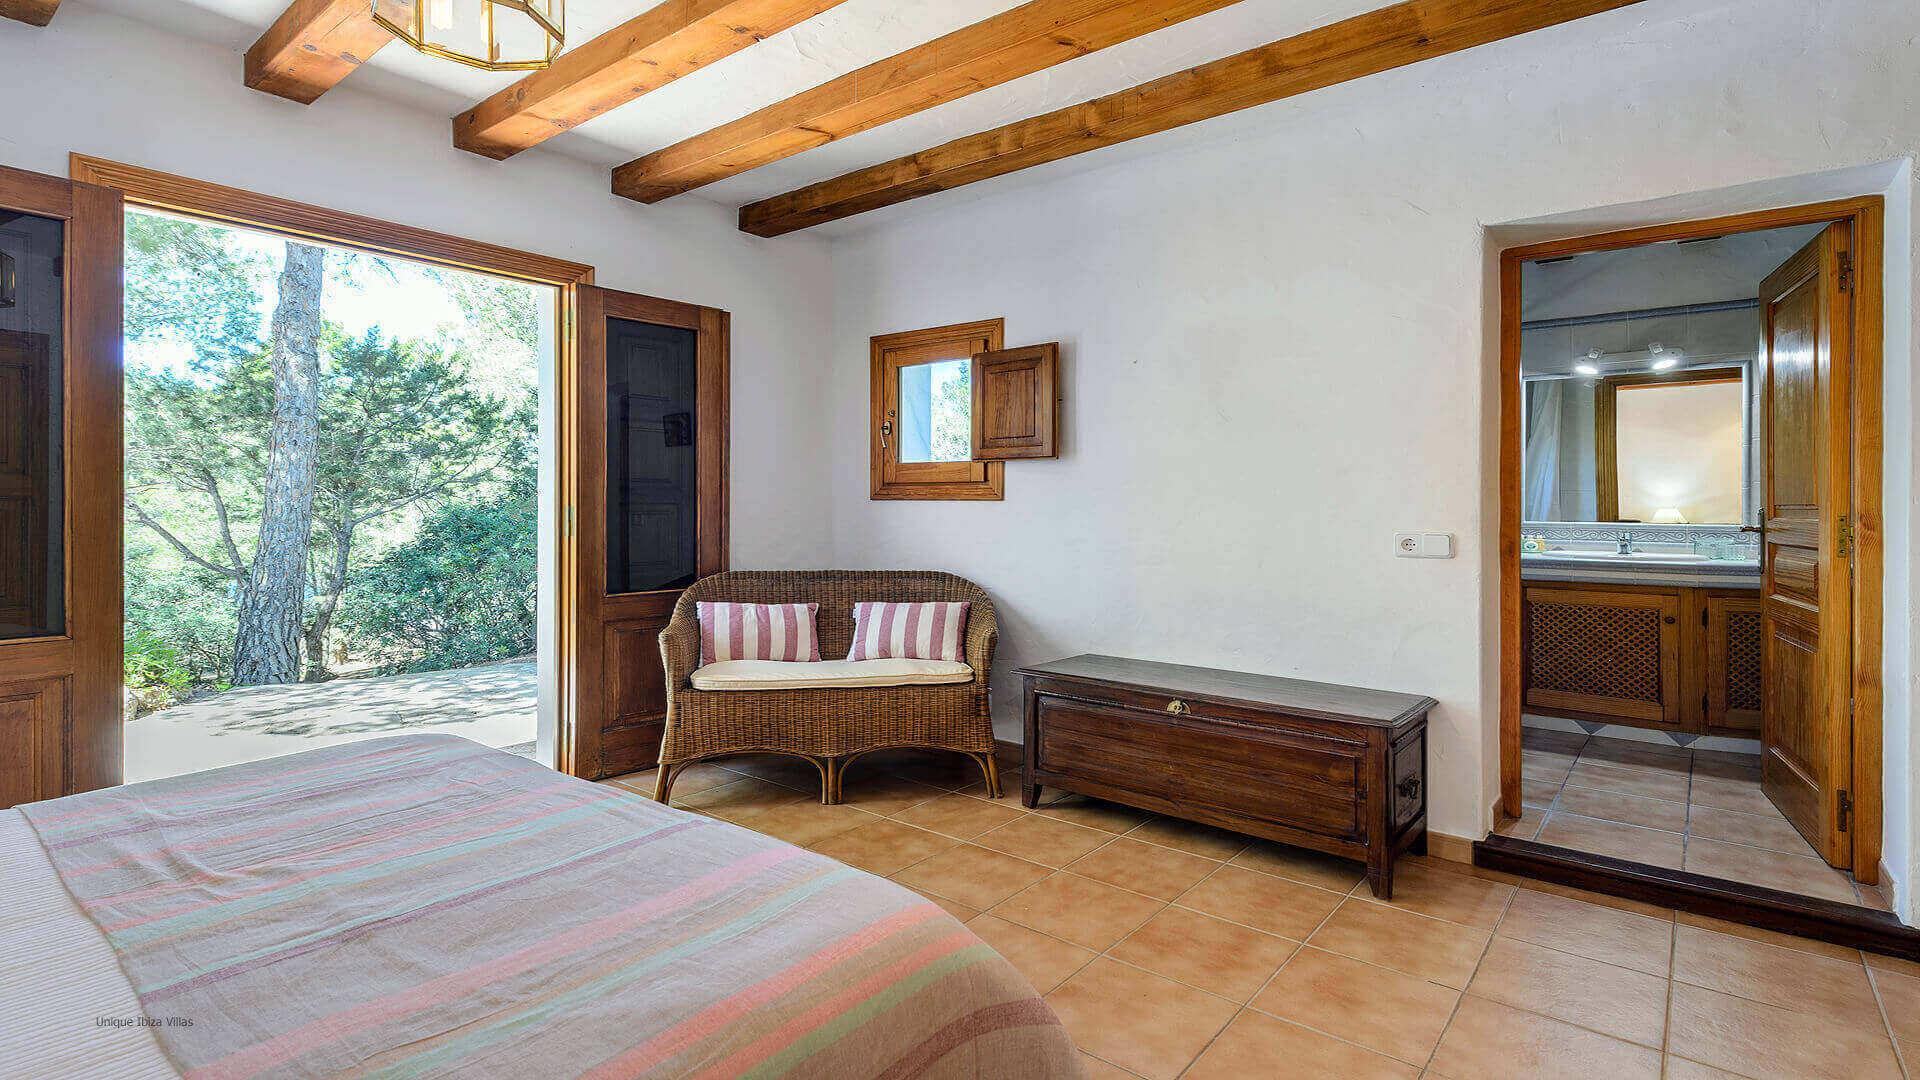 Villa Romero II Ibiza 47 Bedroom 4